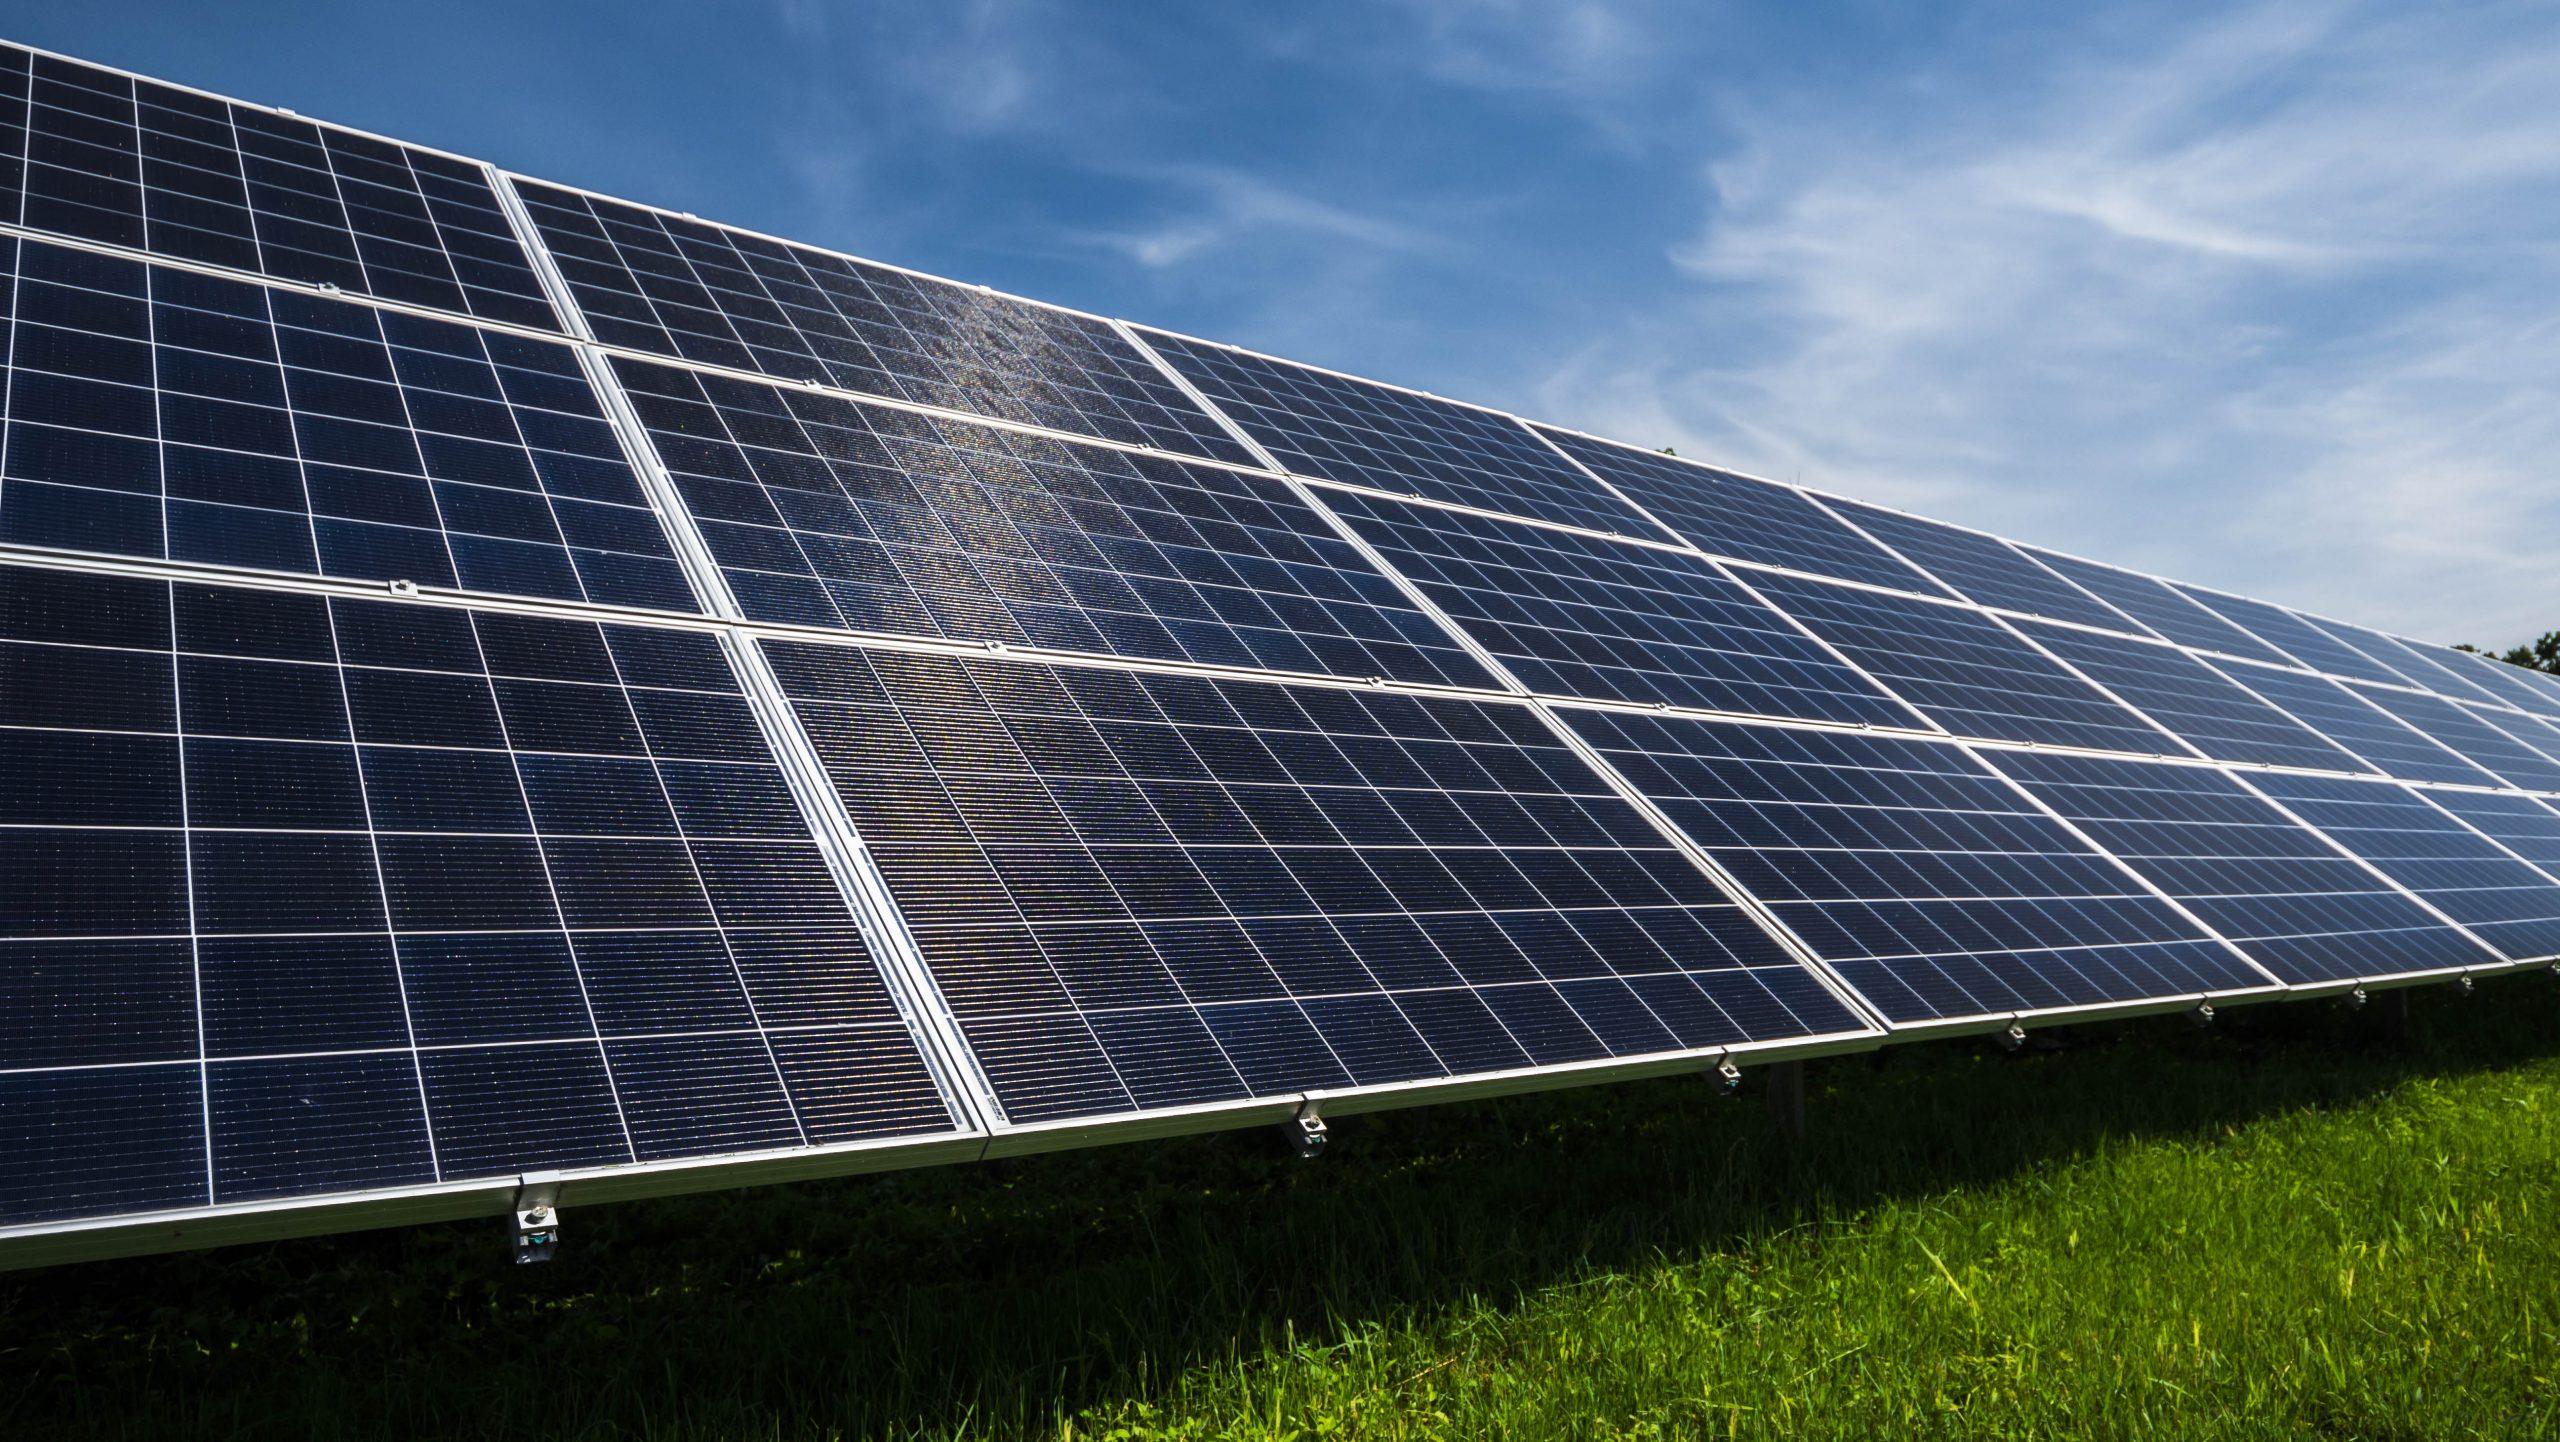 Energiewende zerstört die Umwelt (Teil 1) – Naturwissenschaftler: Solaranlagen heizen die Atmosphäre auf